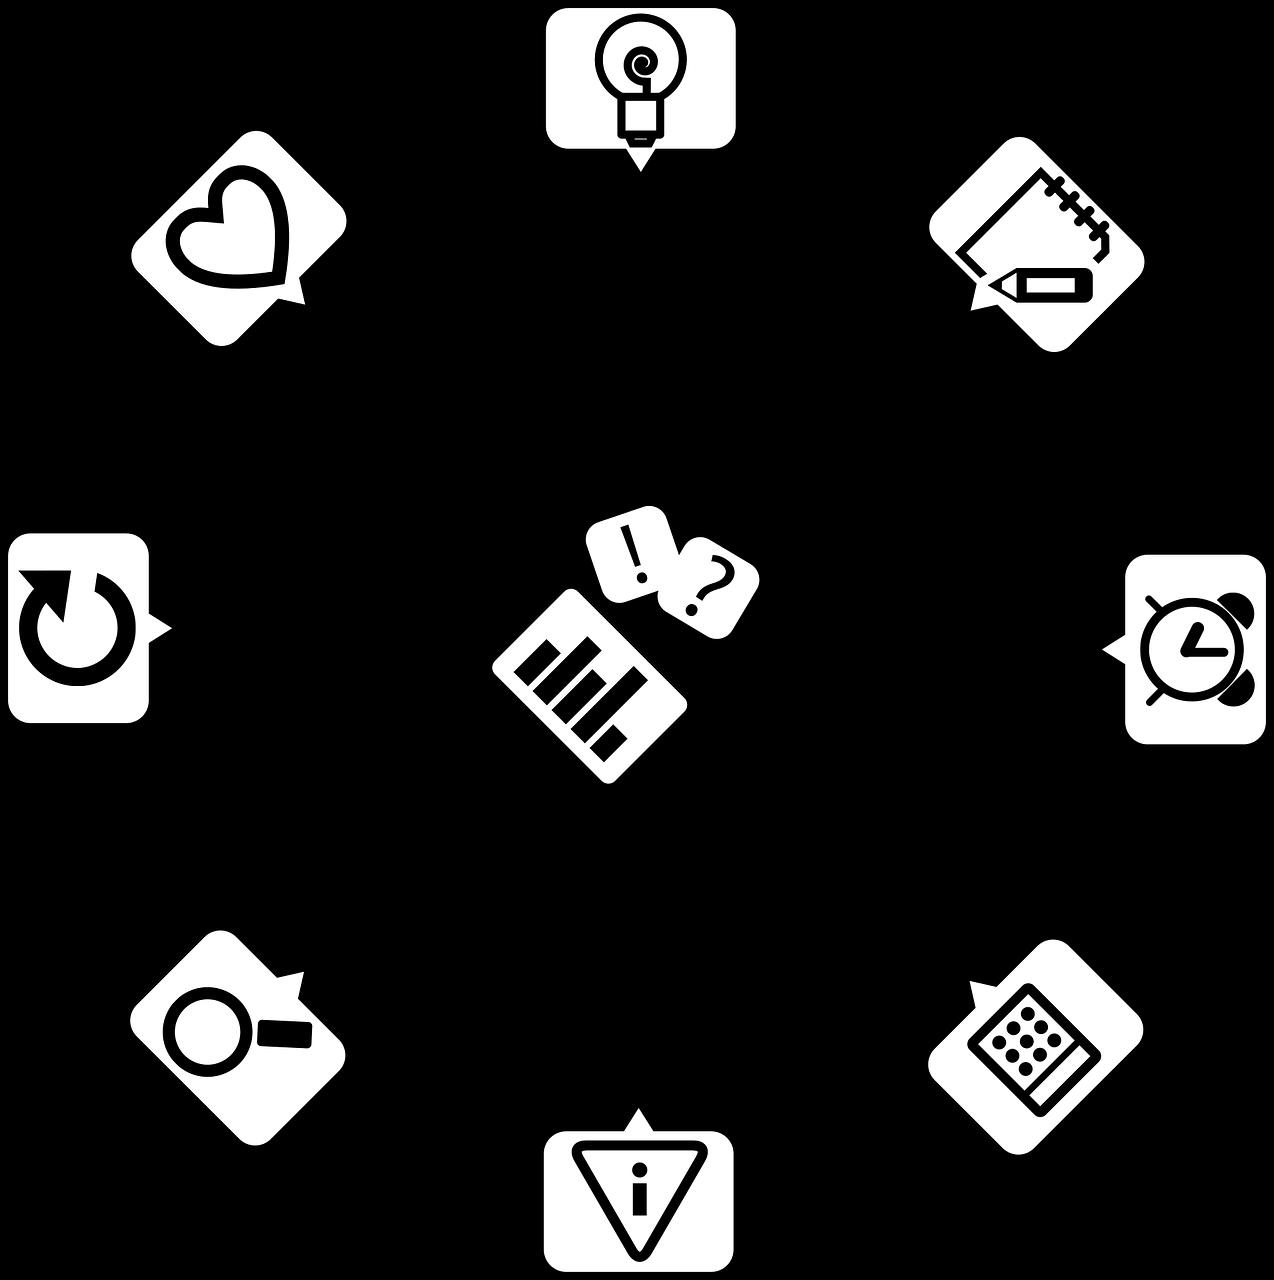 5 éléments clés pour communiquer efficacement